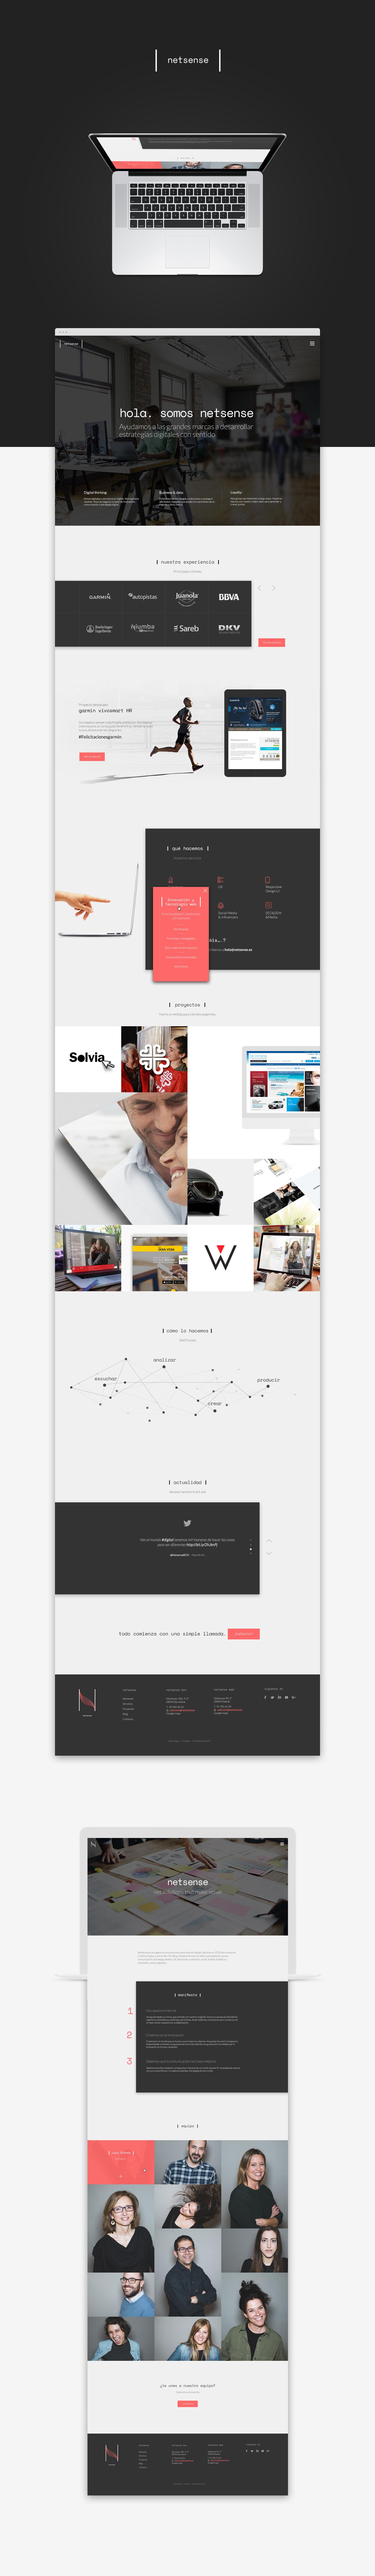 Diseño web netsense · Samuel Matito · Diseñador web Freelance especializada en UX, UI y diseño web. Más de 17 años de experiencia ofreciendo soluciones integrales a empresas y profesionales.